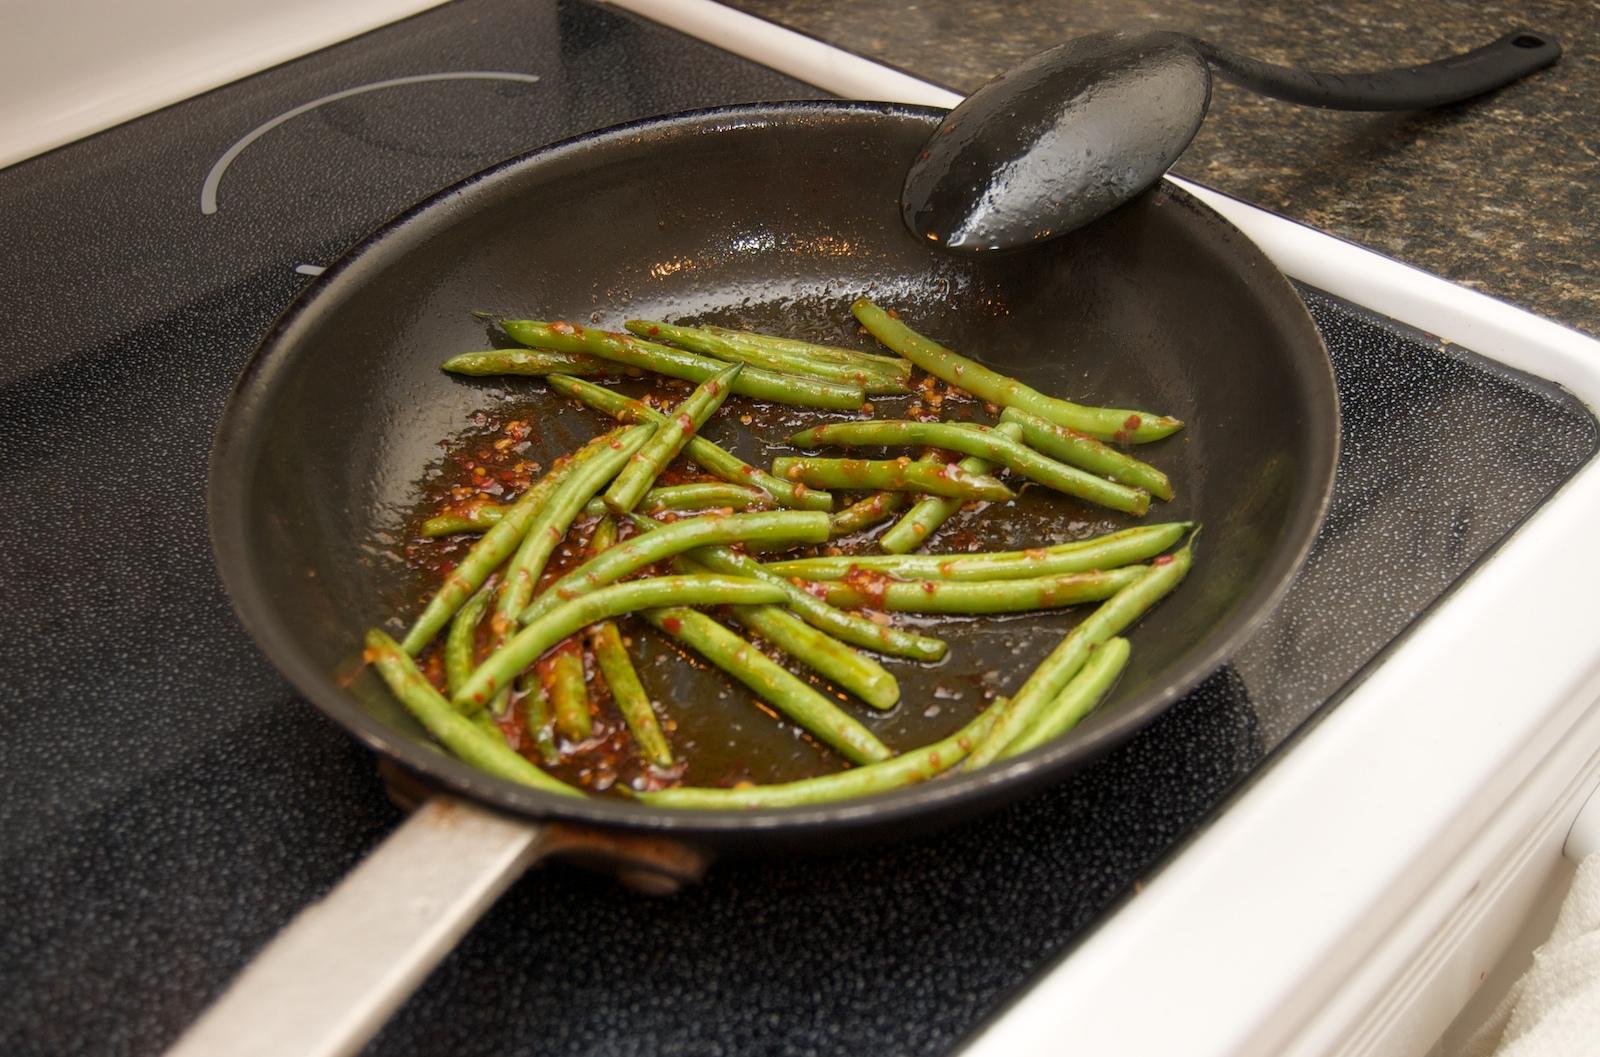 http://blog.rickk.com/food/2010/01/05/DSC_0012.jpg